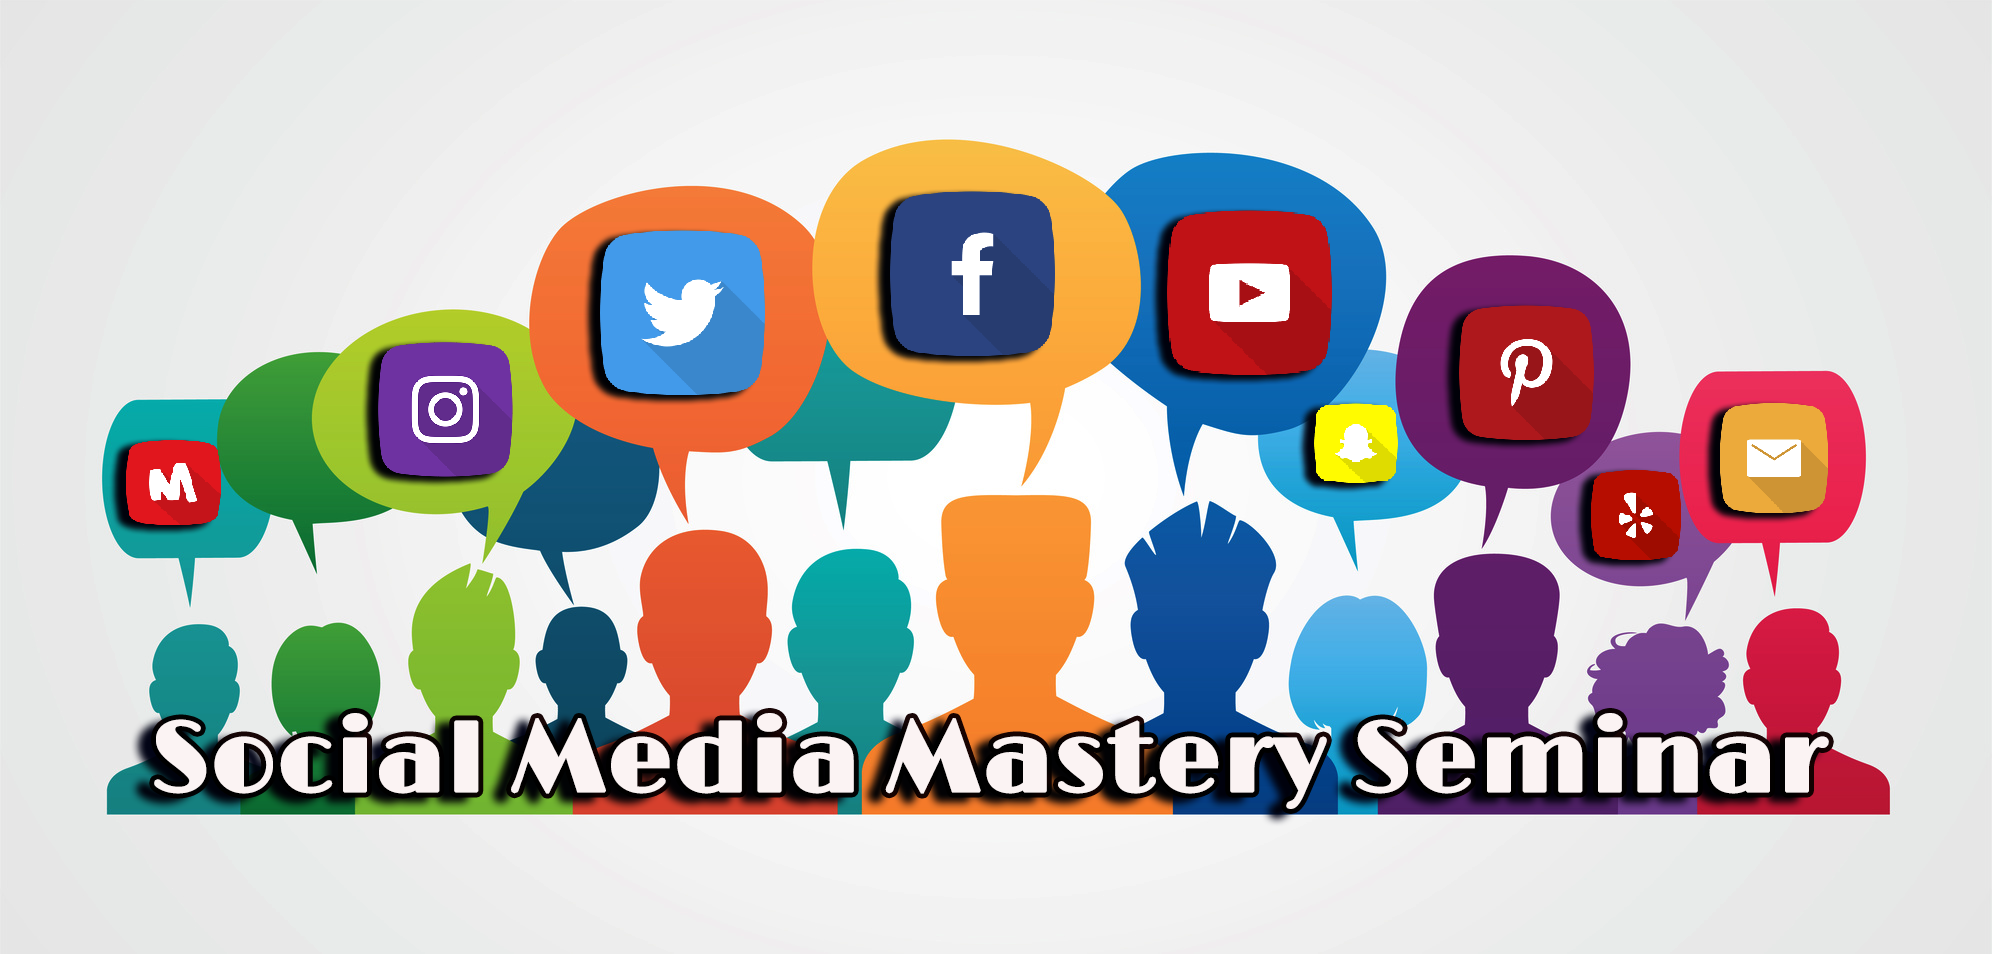 Social Media Mastery Course